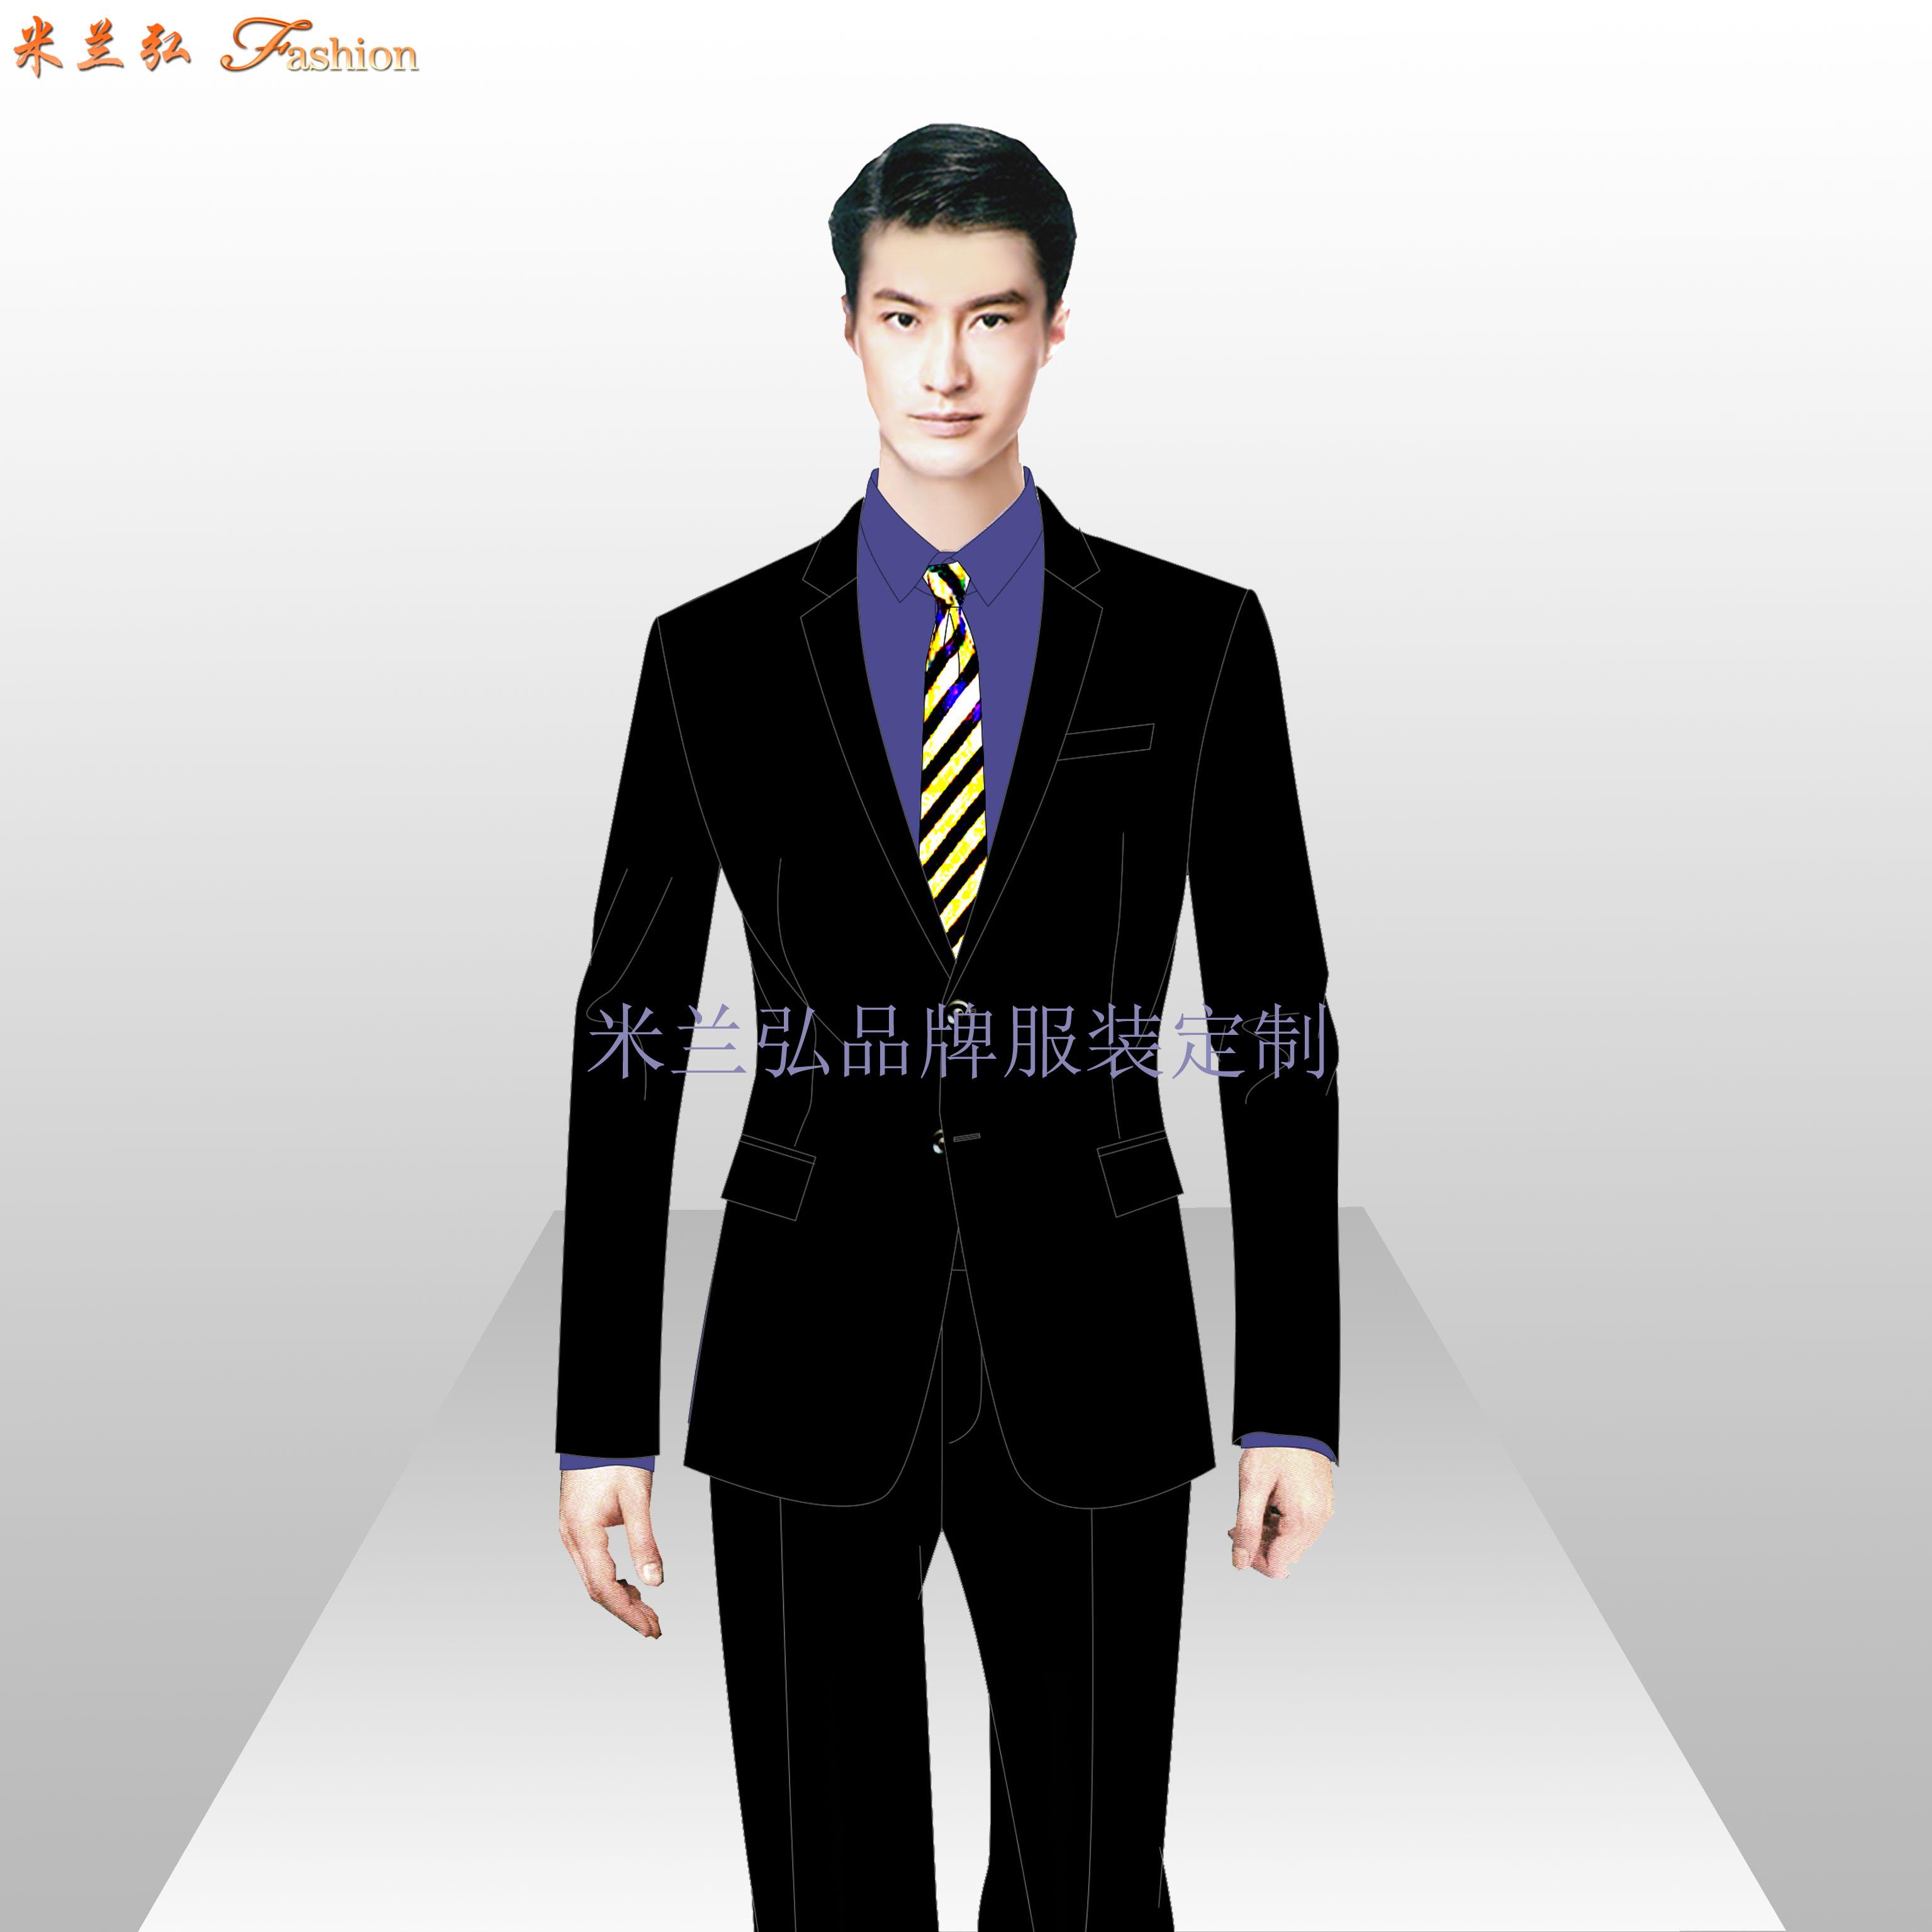 大興區西服定製_北京大興職業裝訂做-最新送体验金网站服裝廠家-1